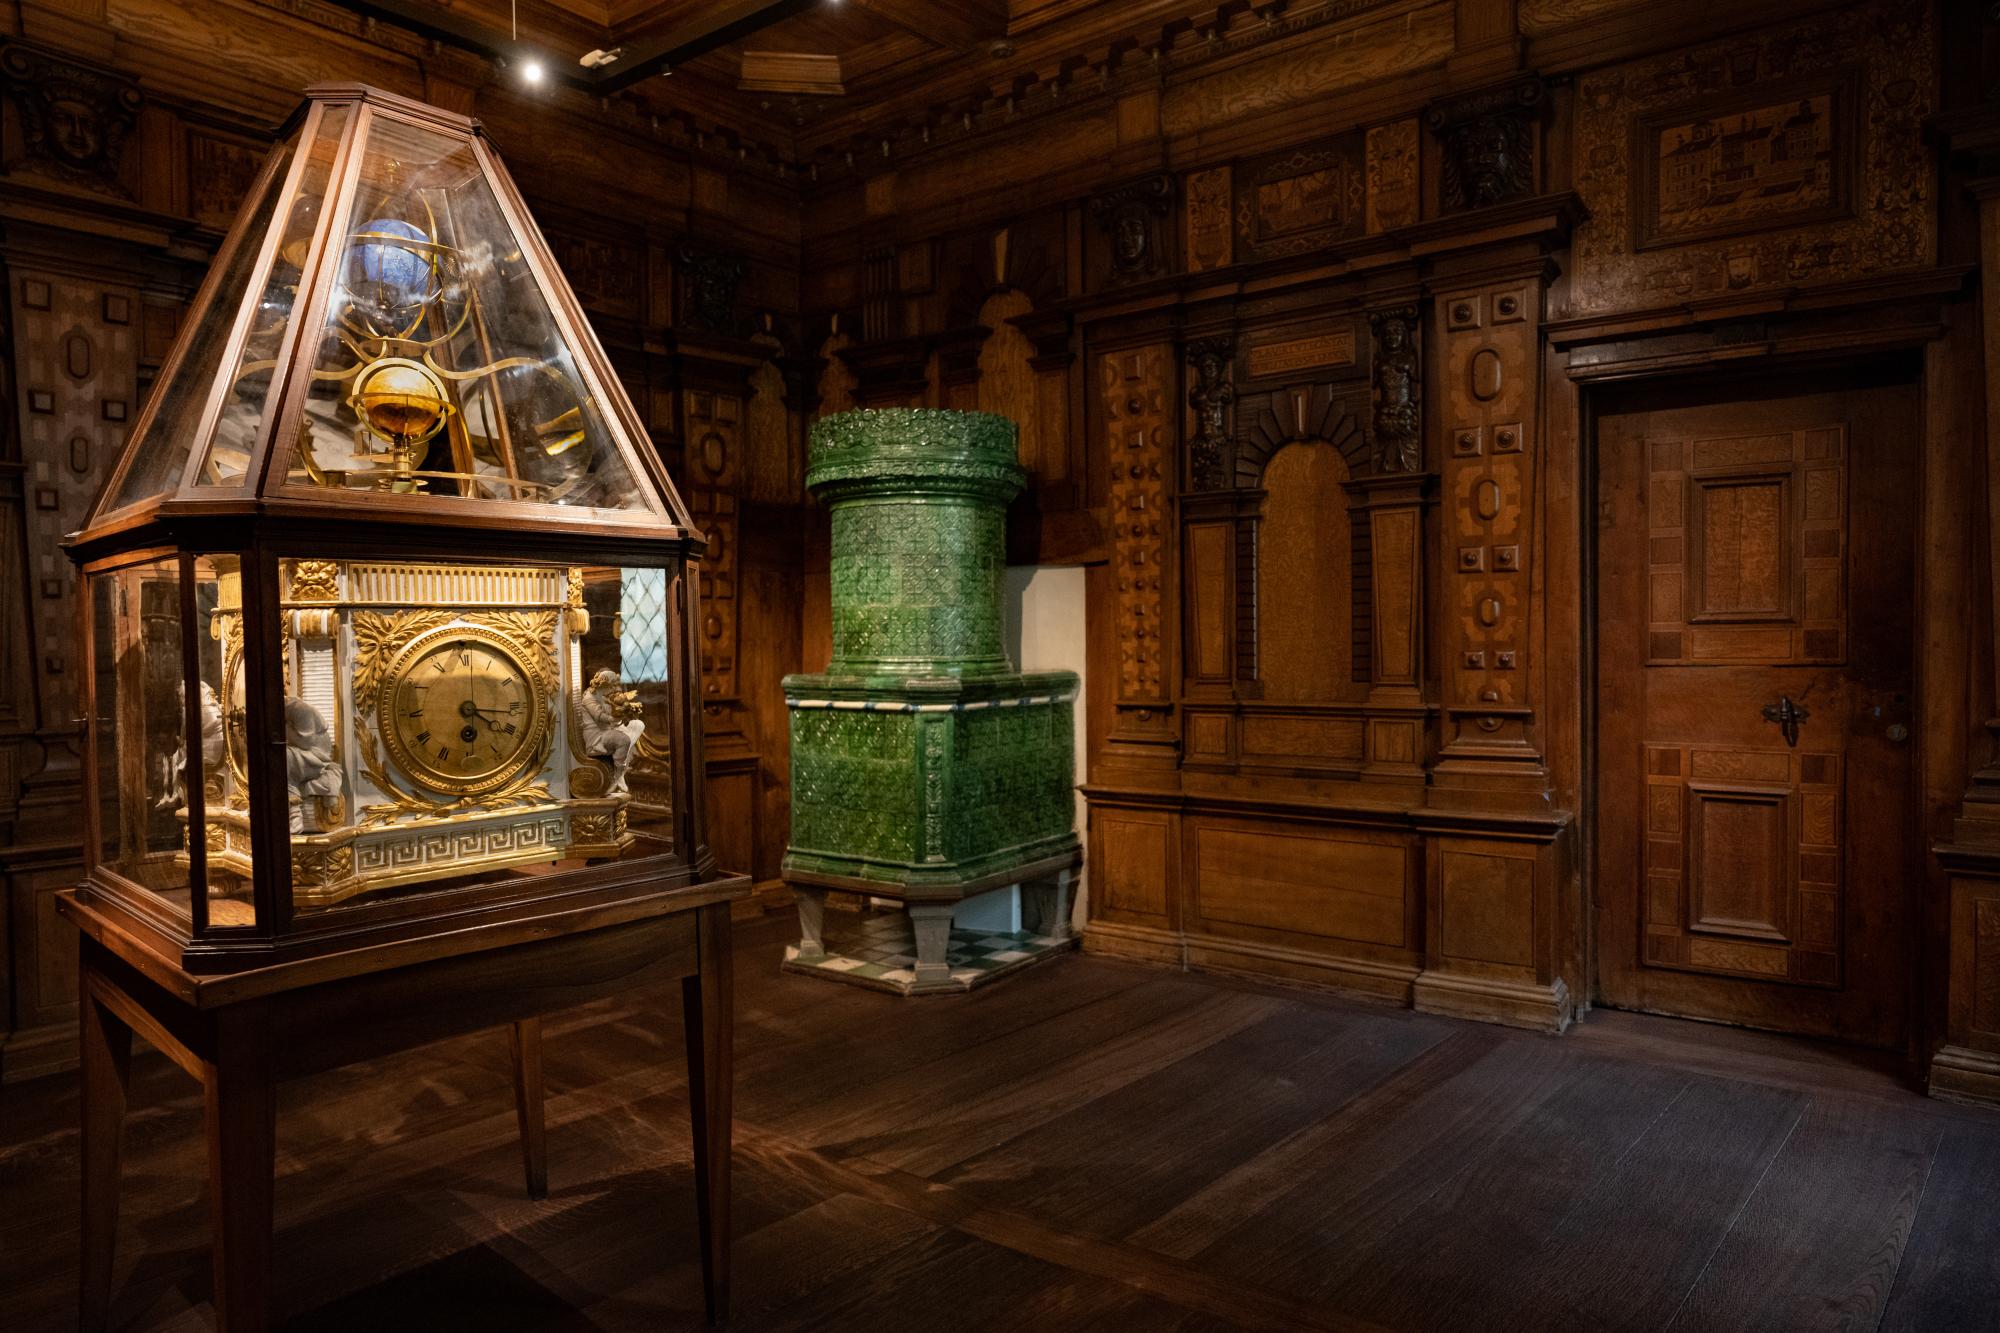 Chiavenna-Zimmer, um 1580, mit Globusuhr, um 1785